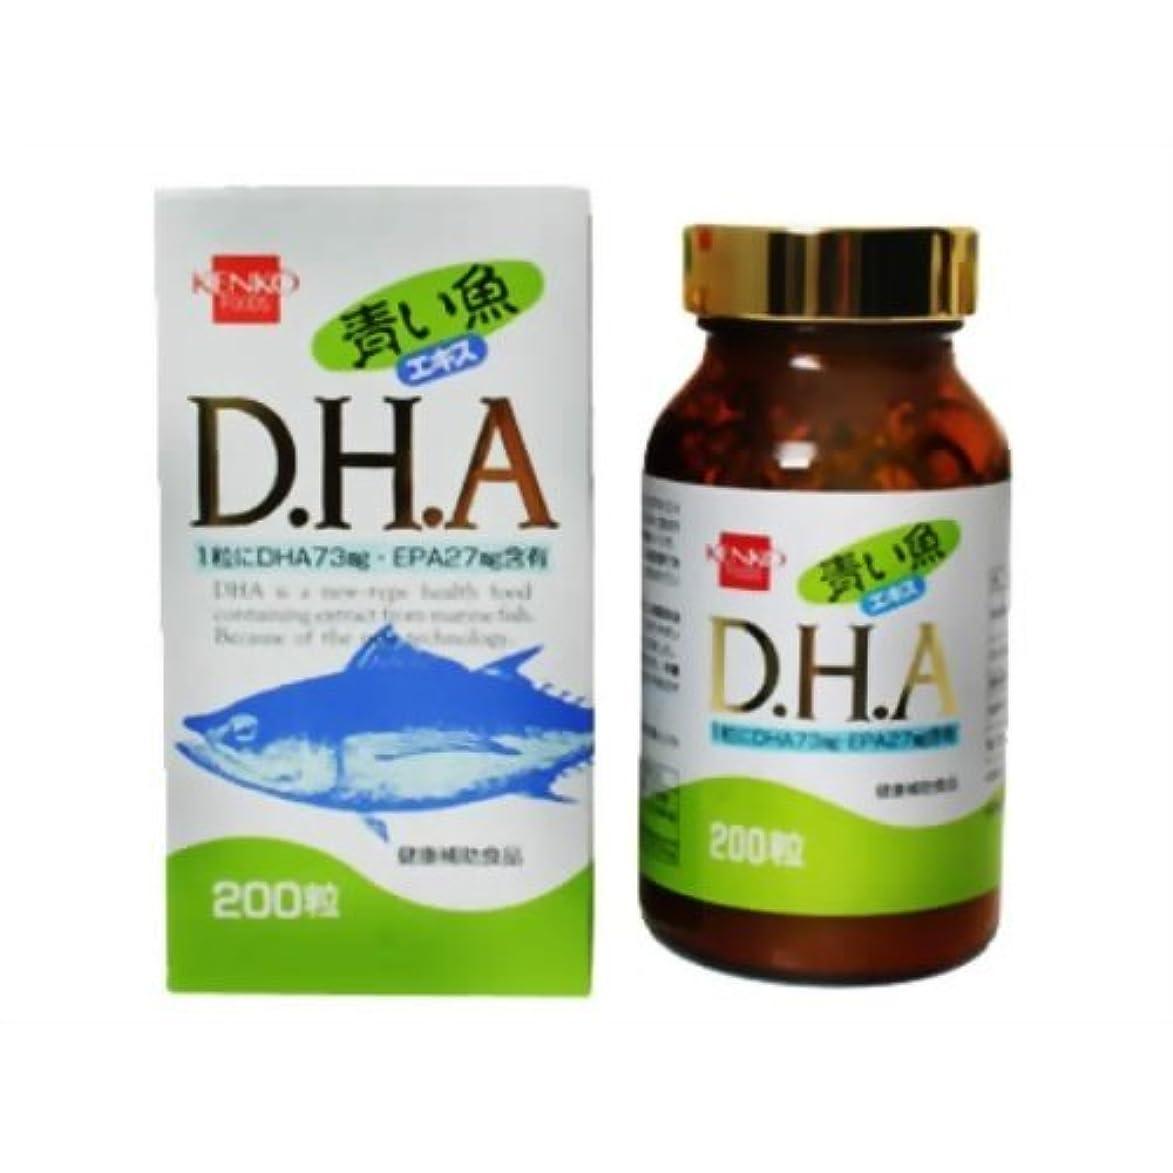 ブリッジチャンピオンシップなめらか健康フーズ 青い魚エキス DHA 200粒